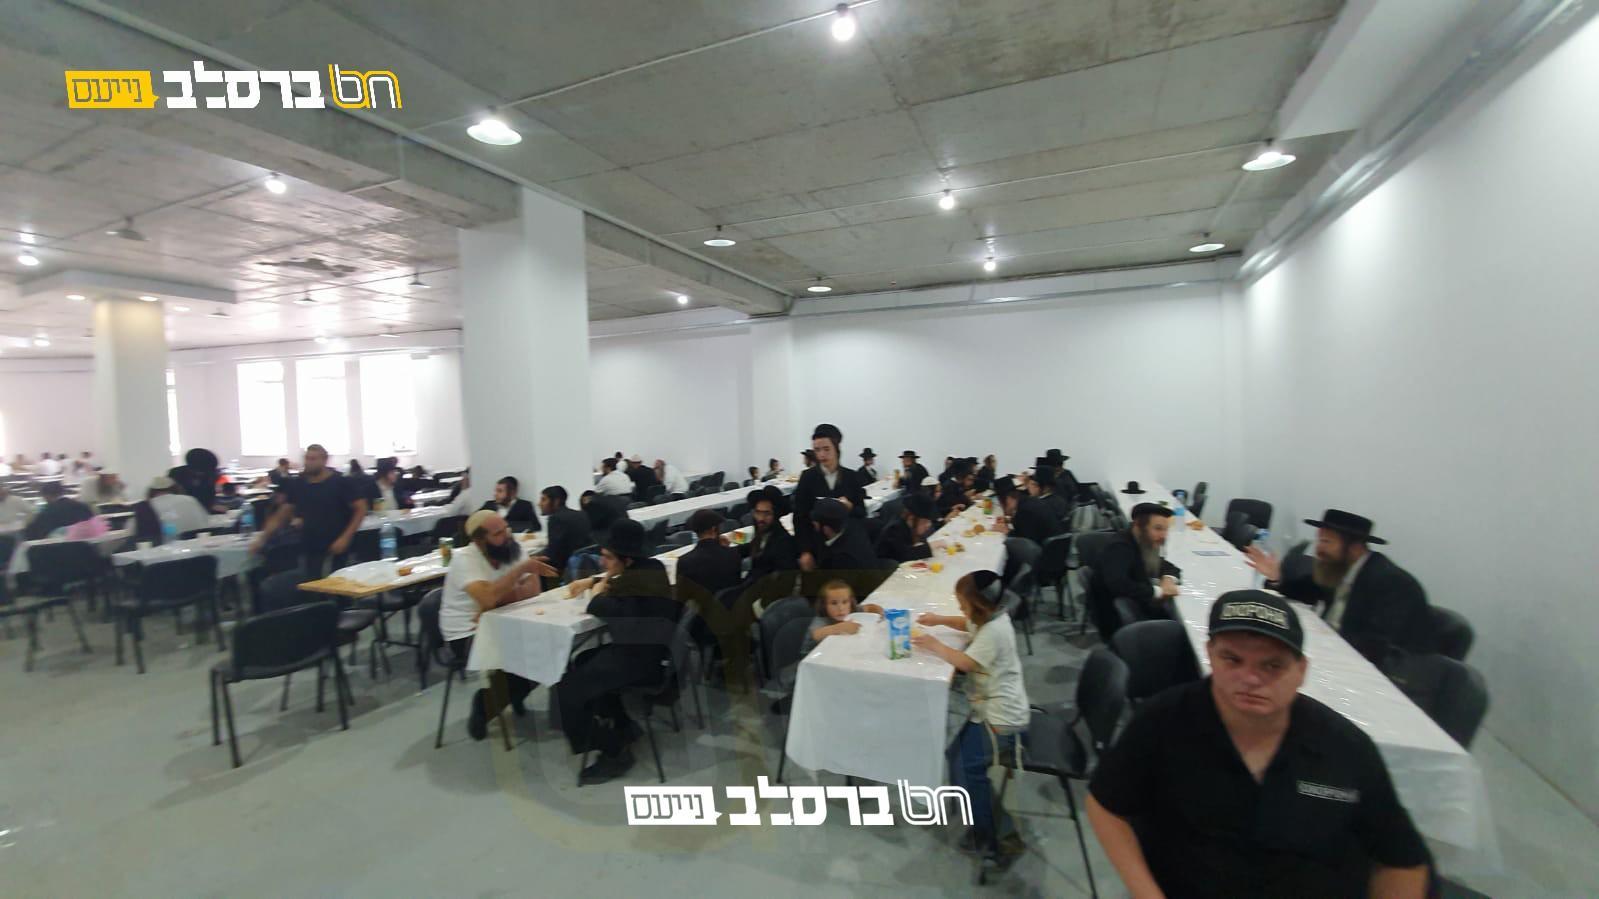 הכנסת אורחים פעדער: פתח את שעריו לסעודת 'פת שחרית'